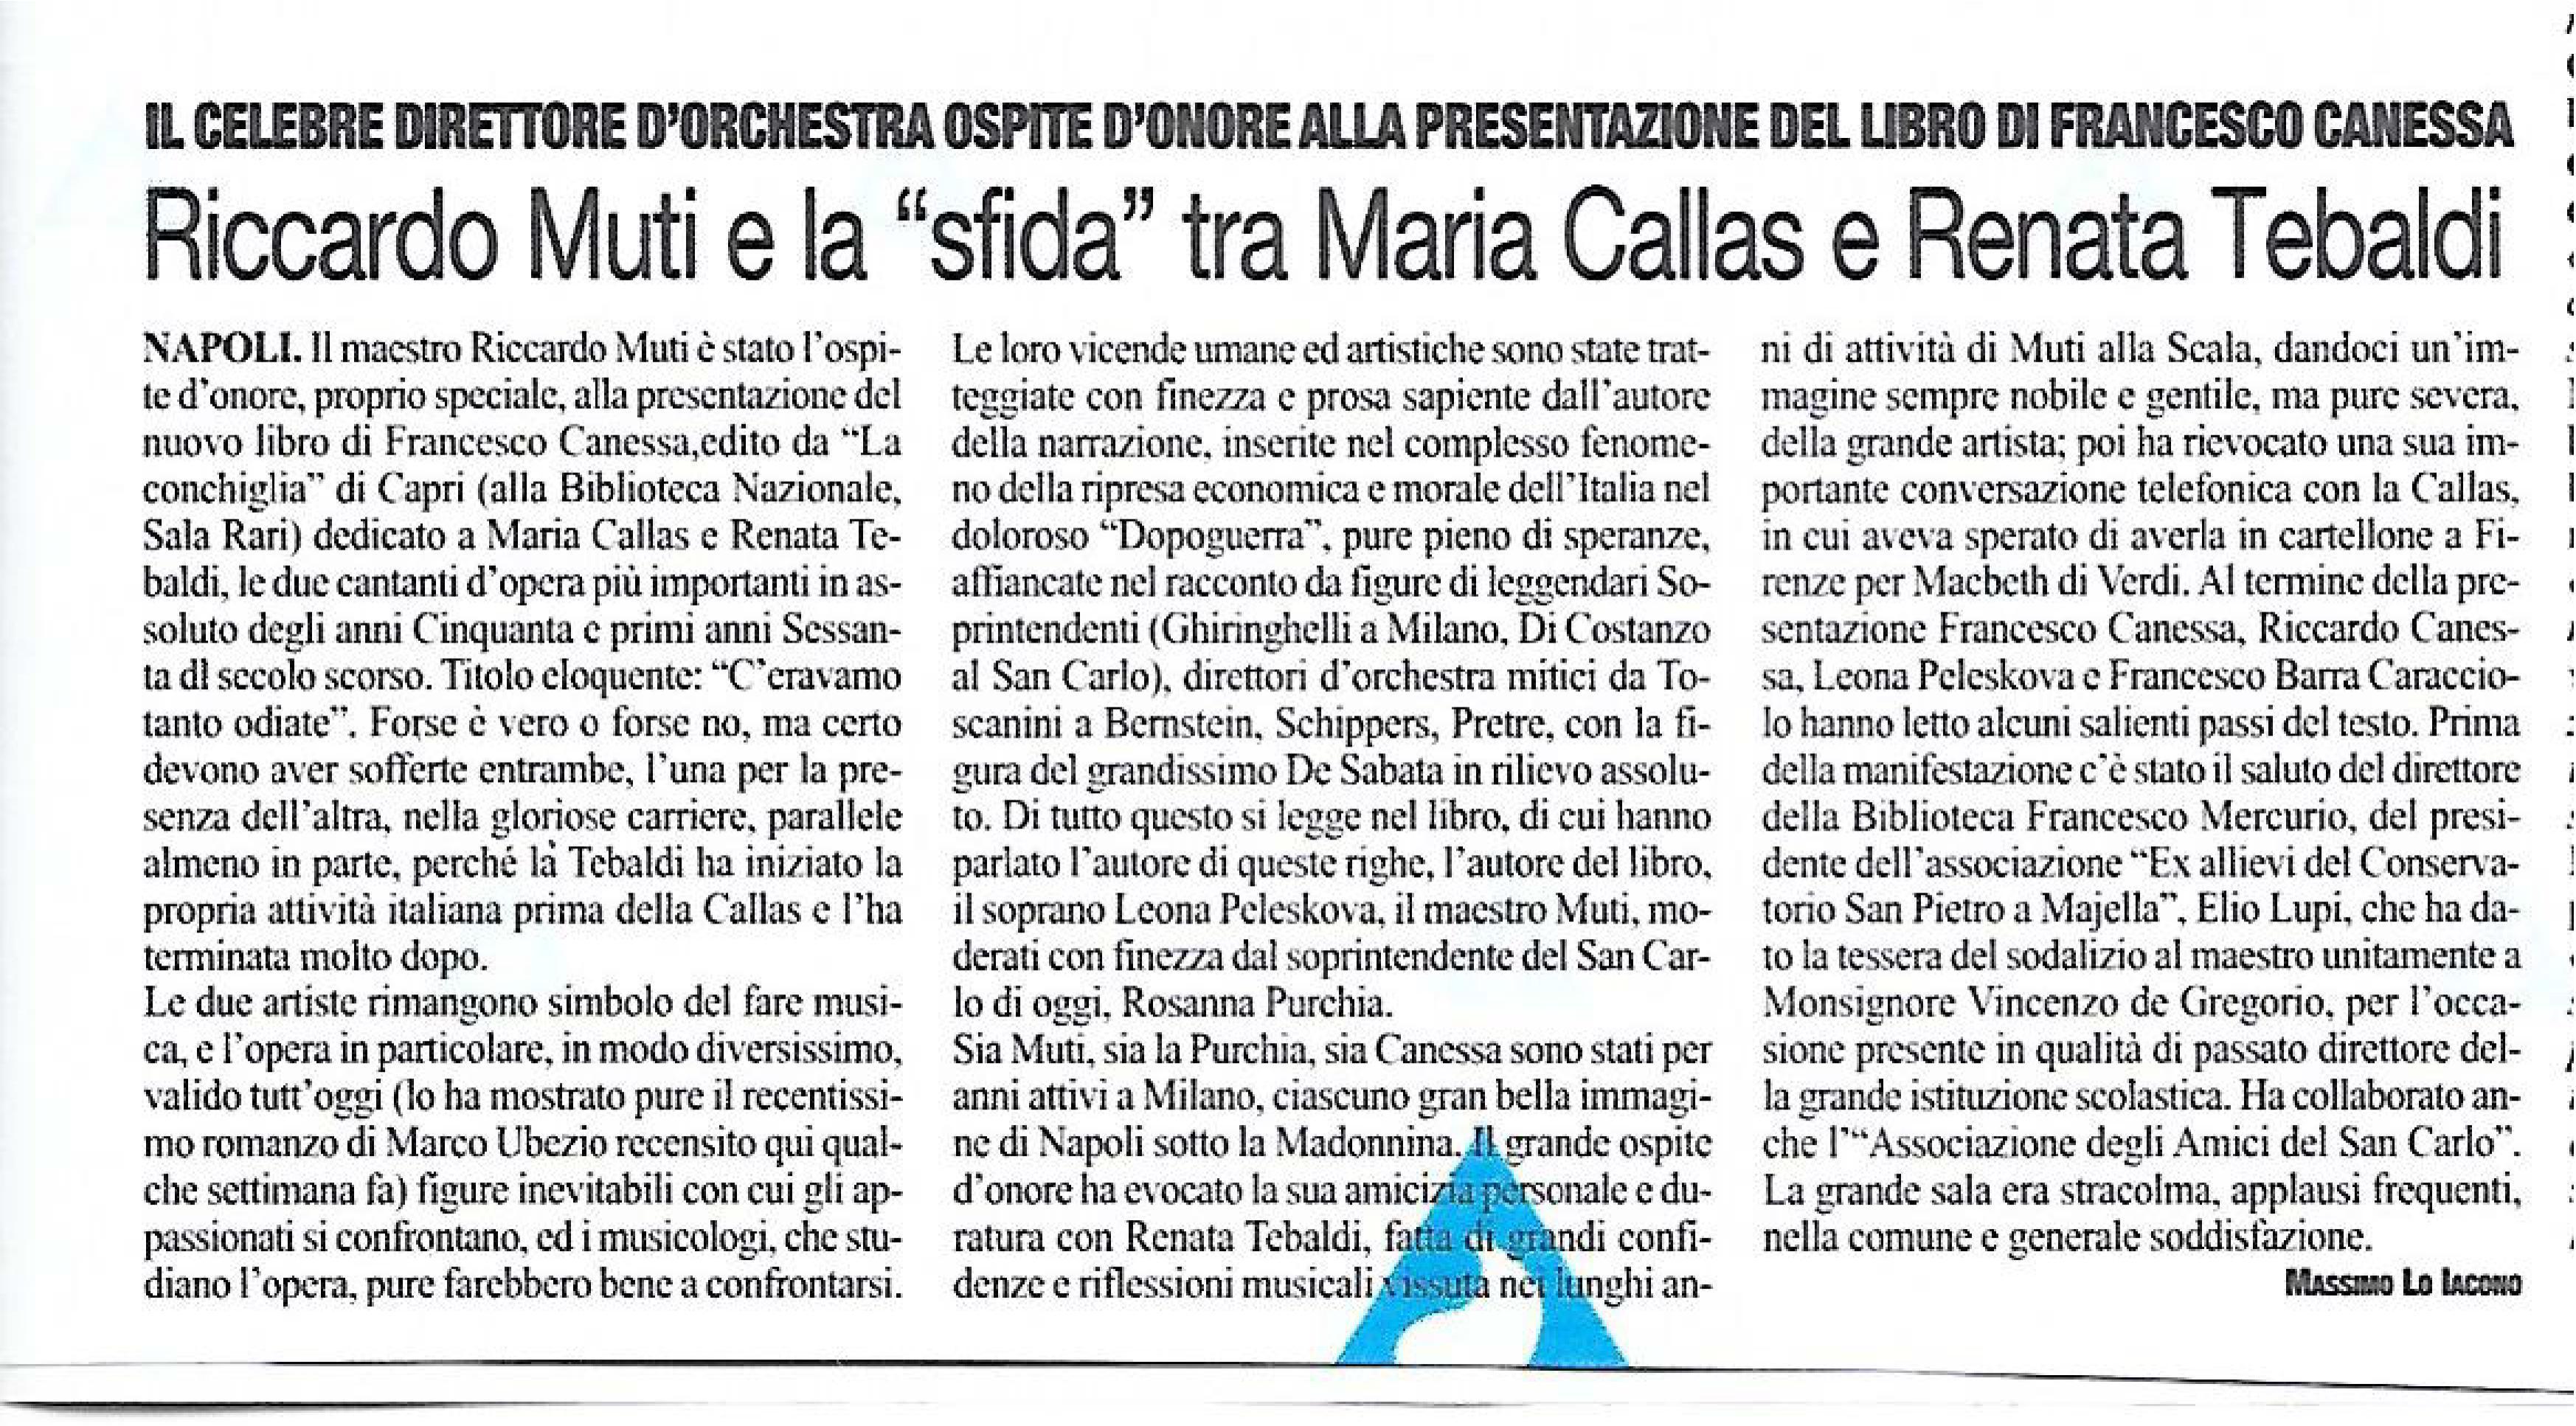 Recensione di Massimo Lo Iacono su Il Roma per C'eravamo tanto odiate di Francesco Canessa